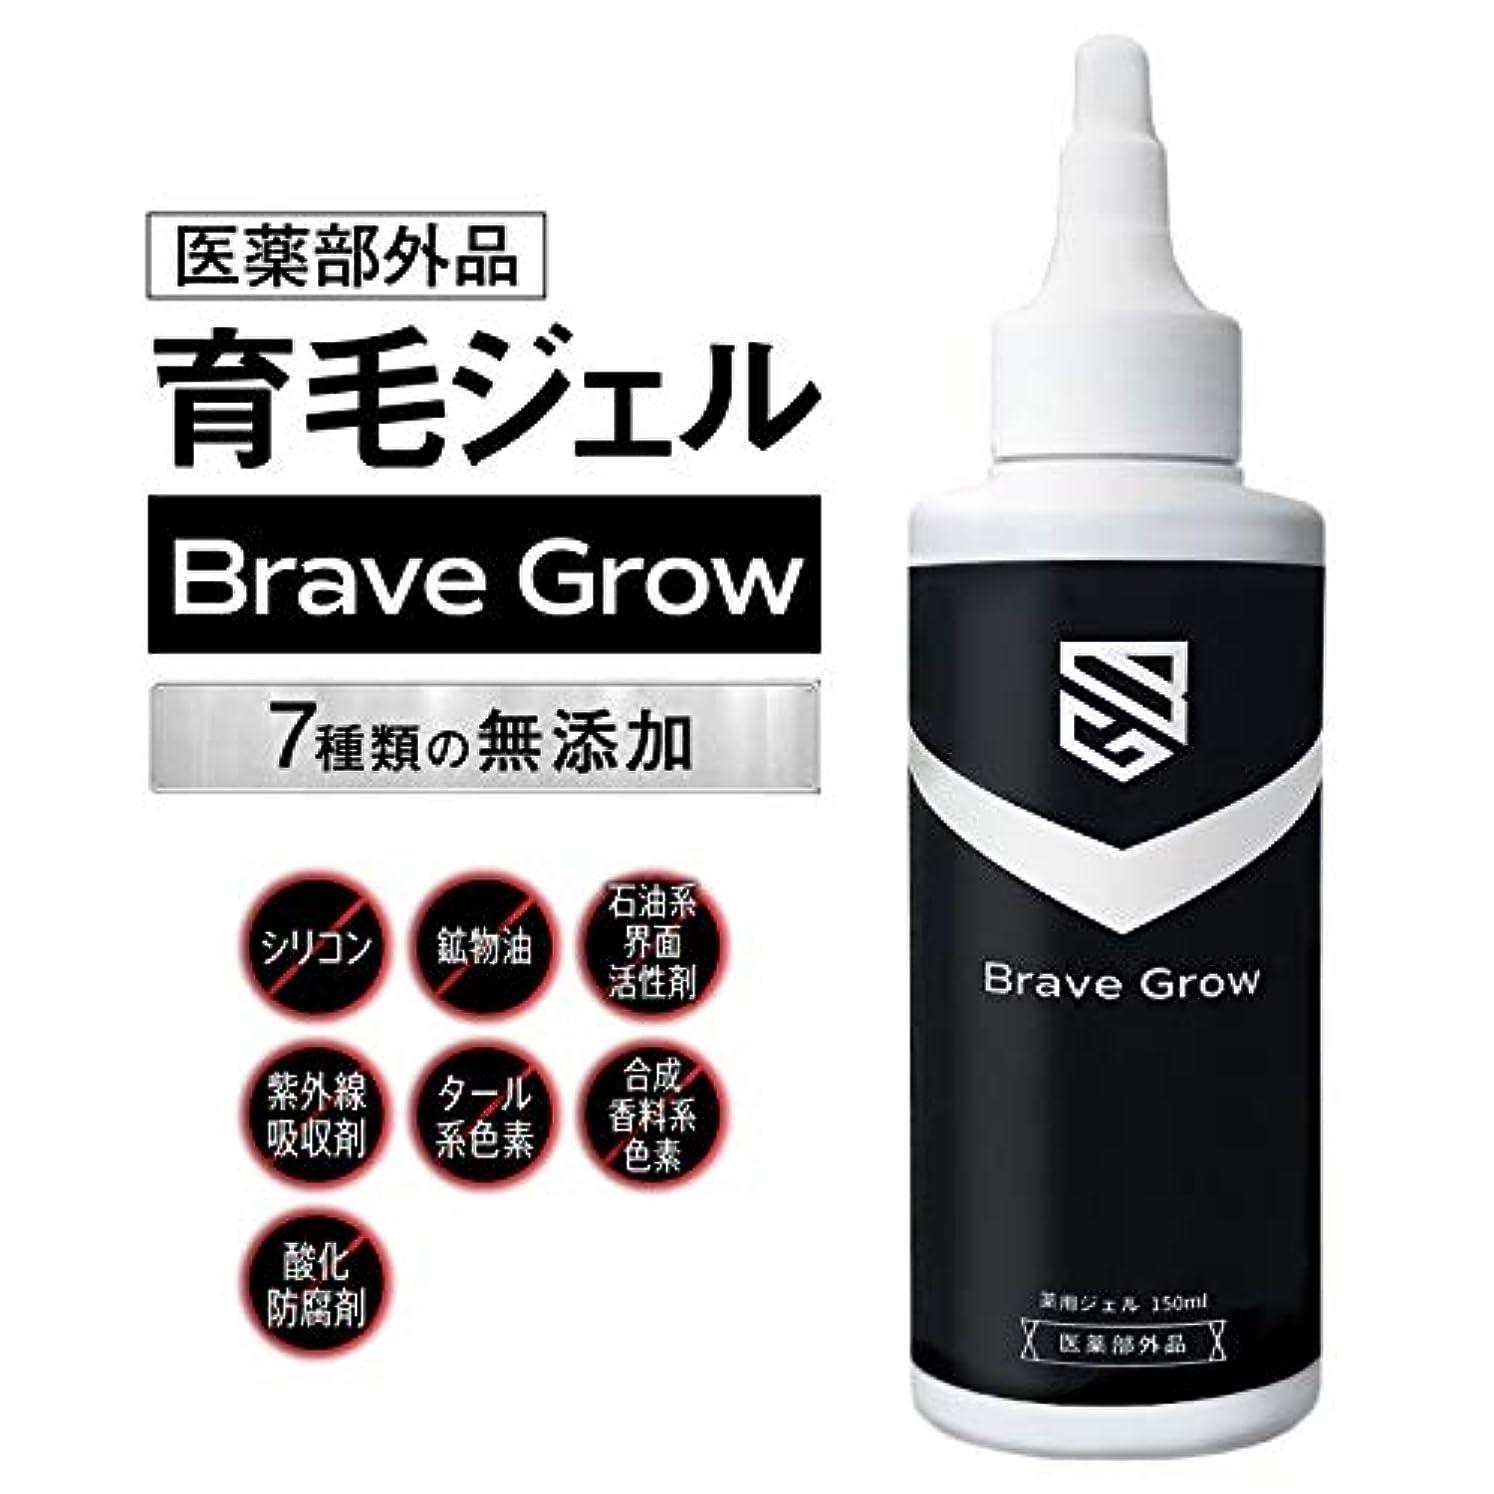 活力キネマティクスユーモラス育毛剤 BraveGrow ブレイブグロー 150ml 【医薬部外品】ジェルタイプ 男性